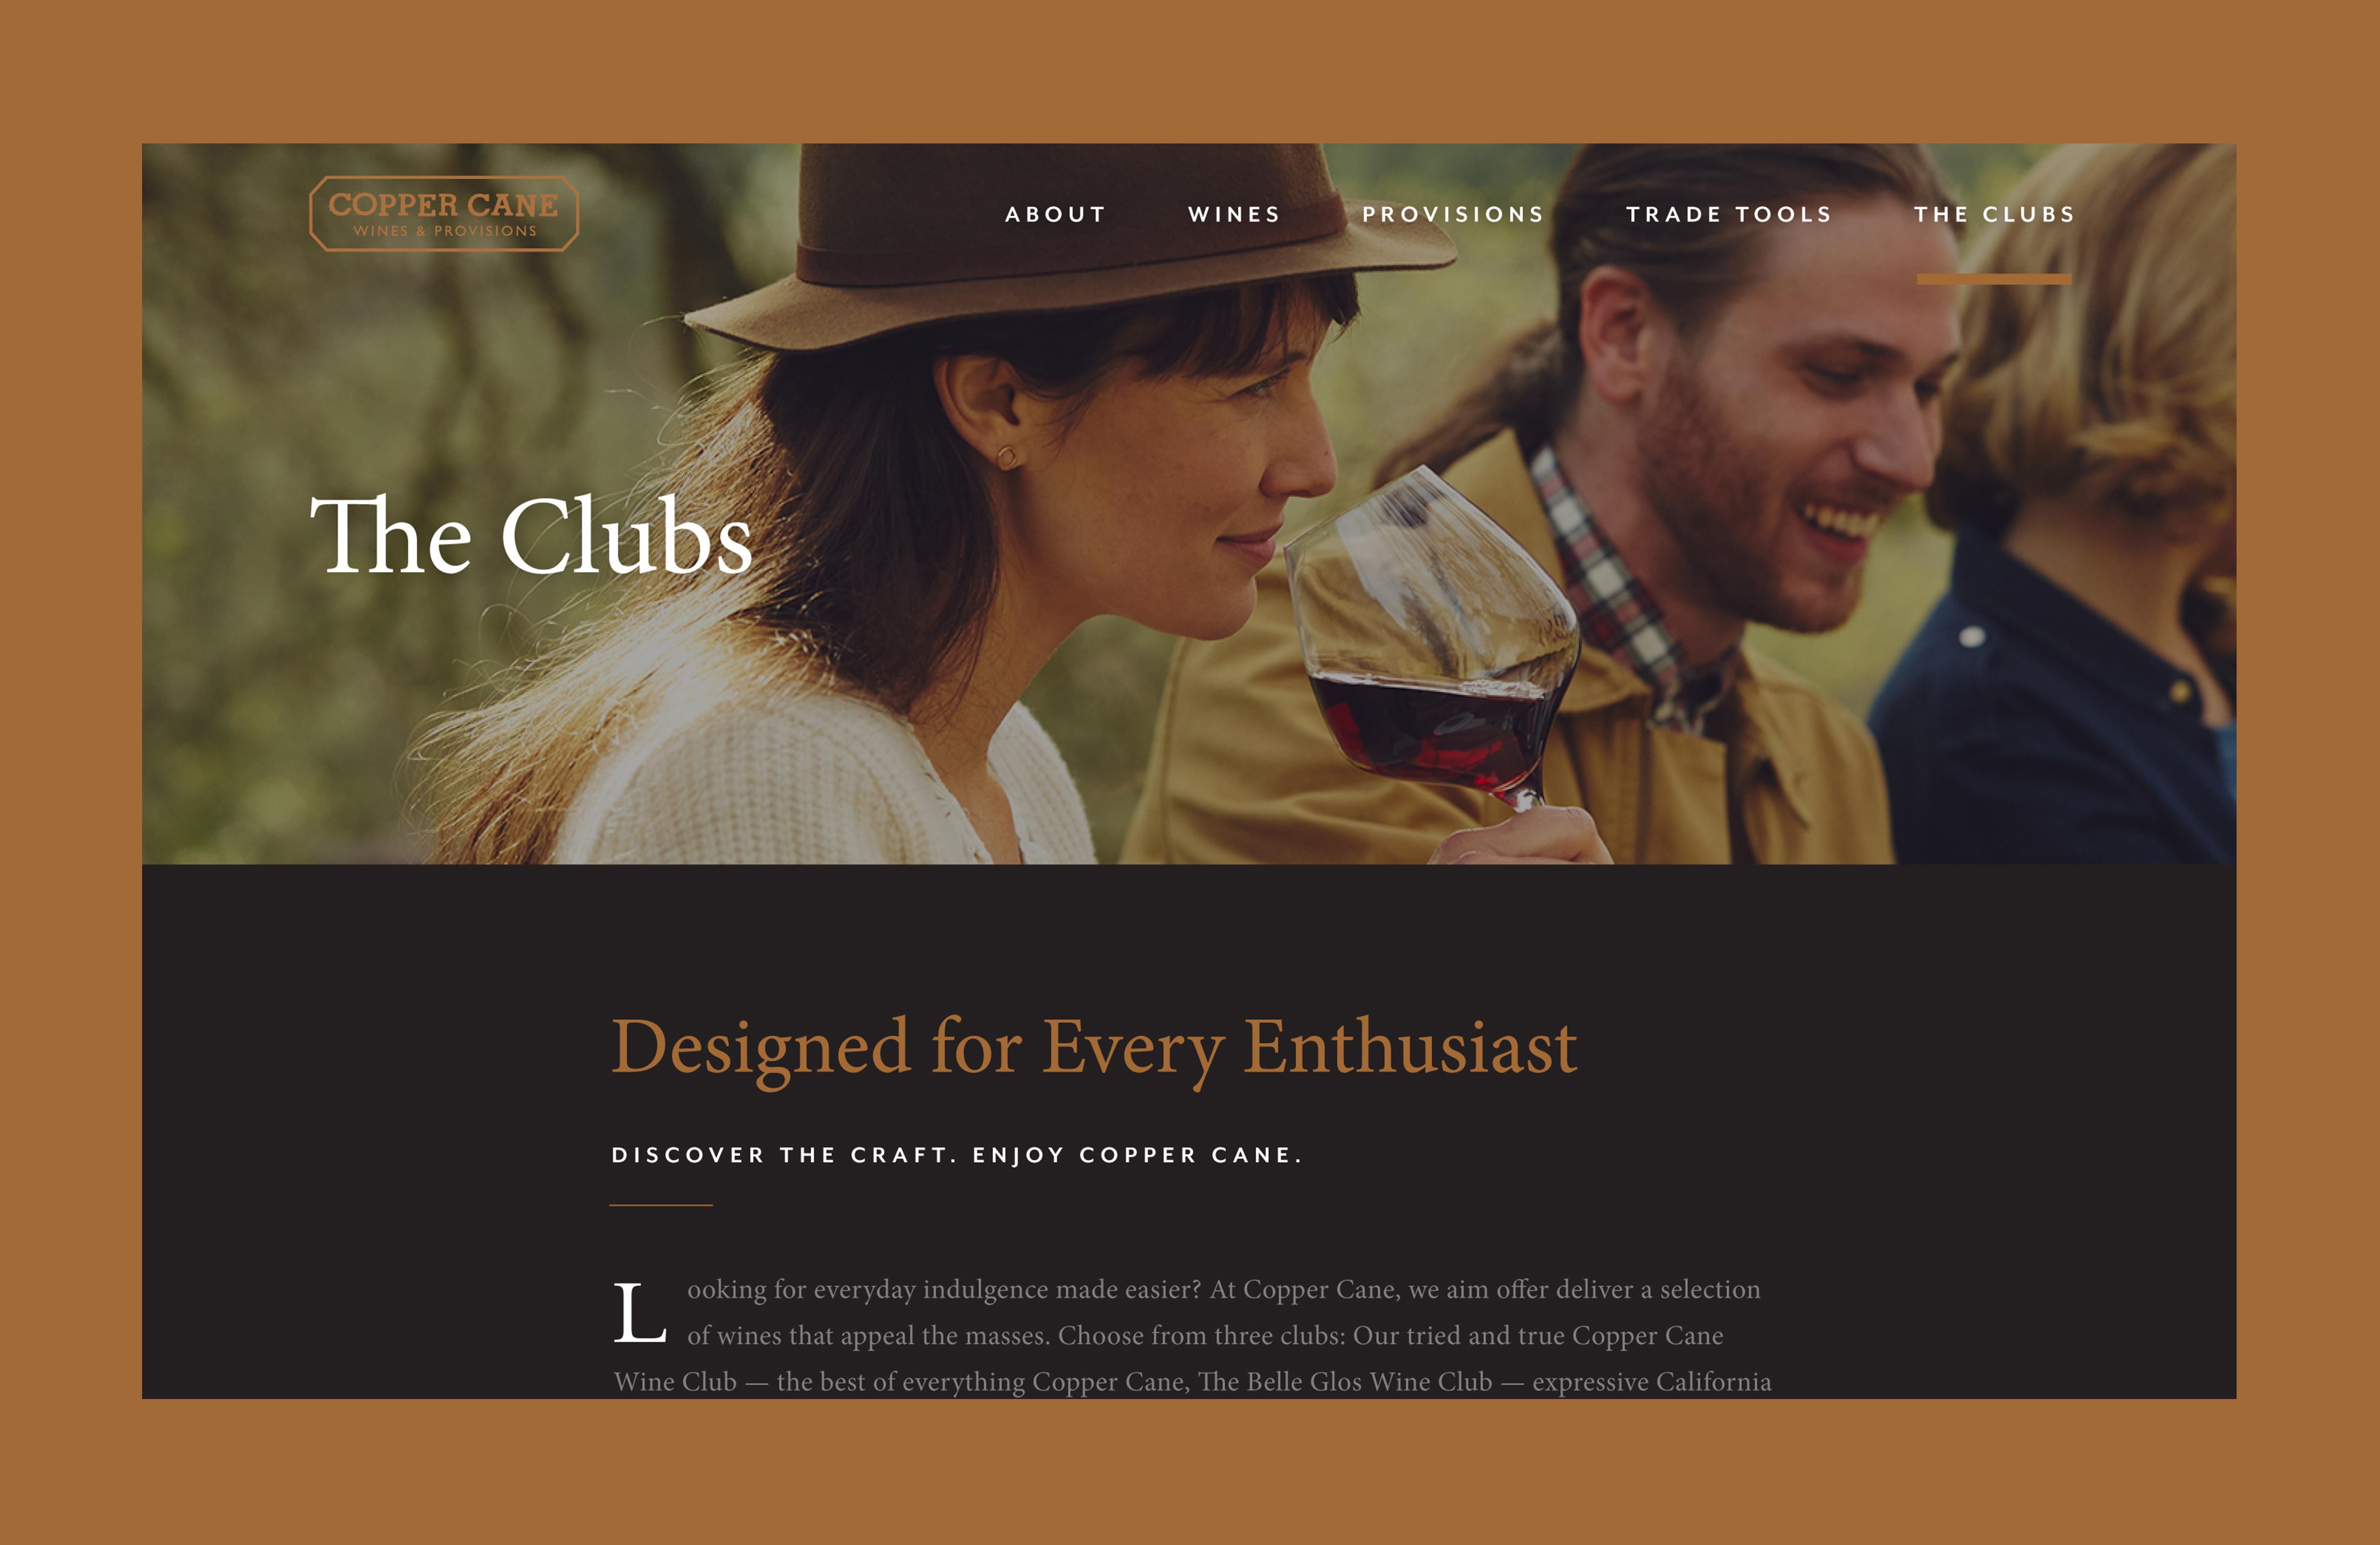 CC_club1